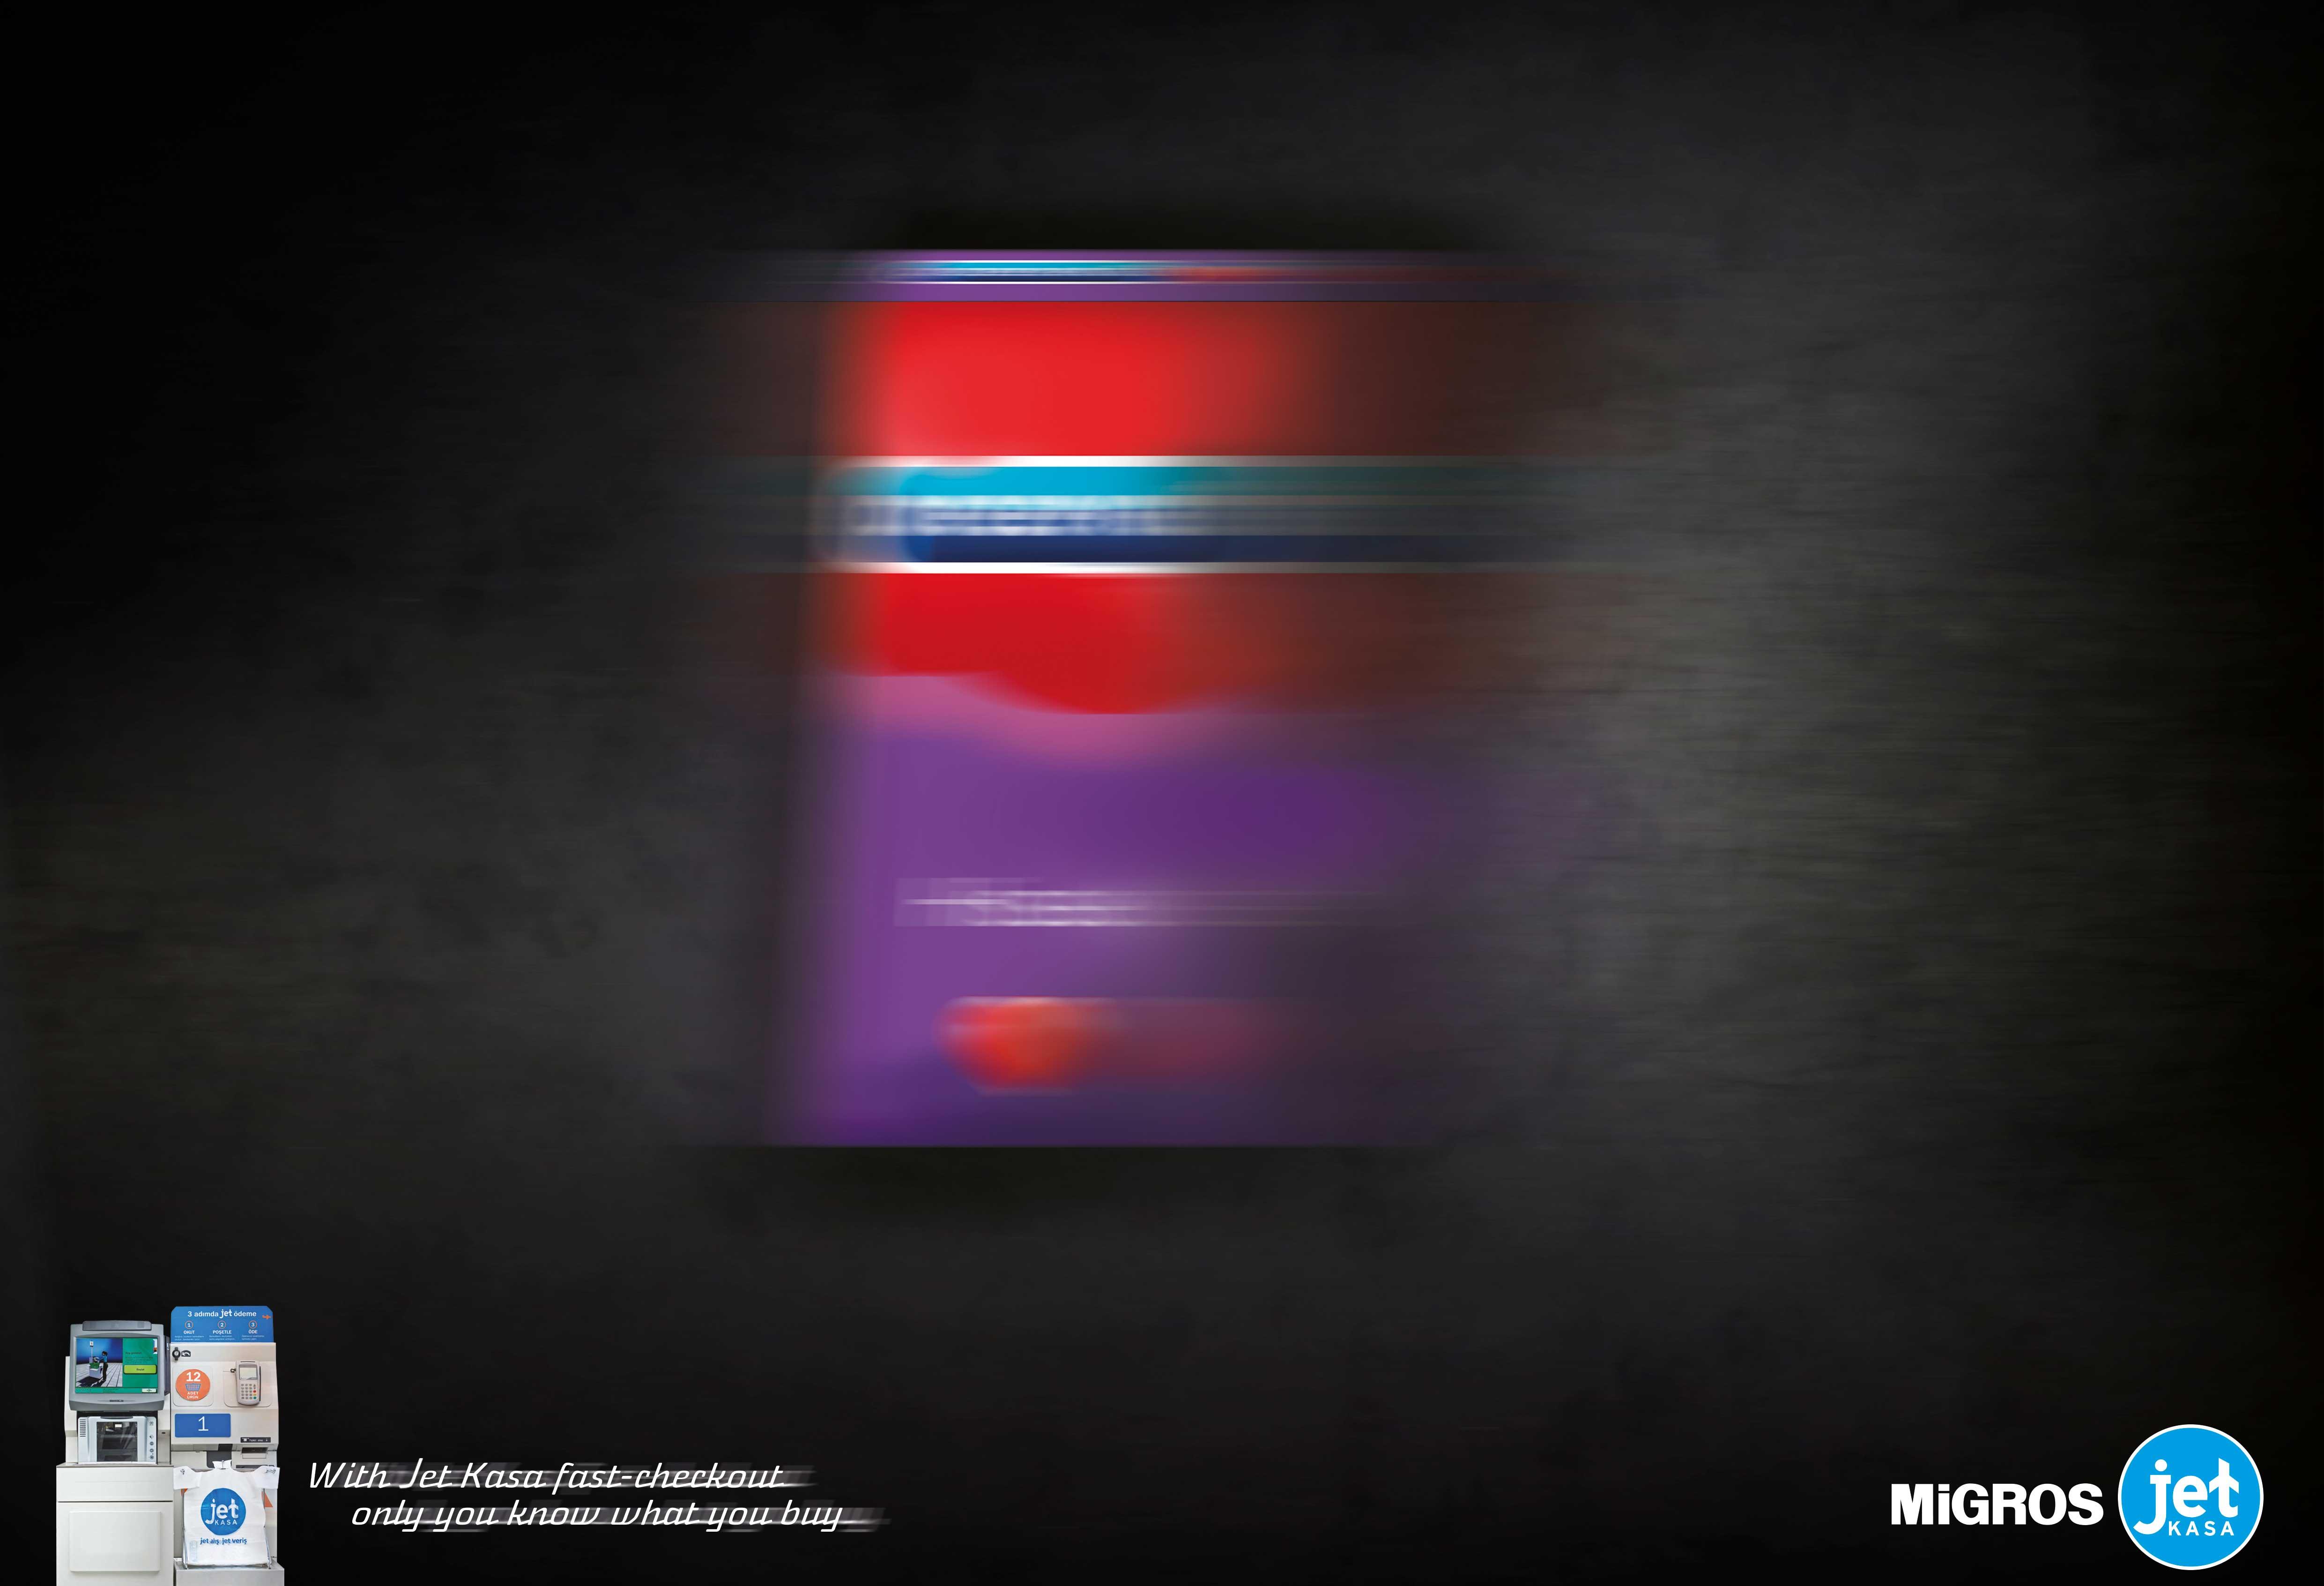 migros_jet_kasa_condom